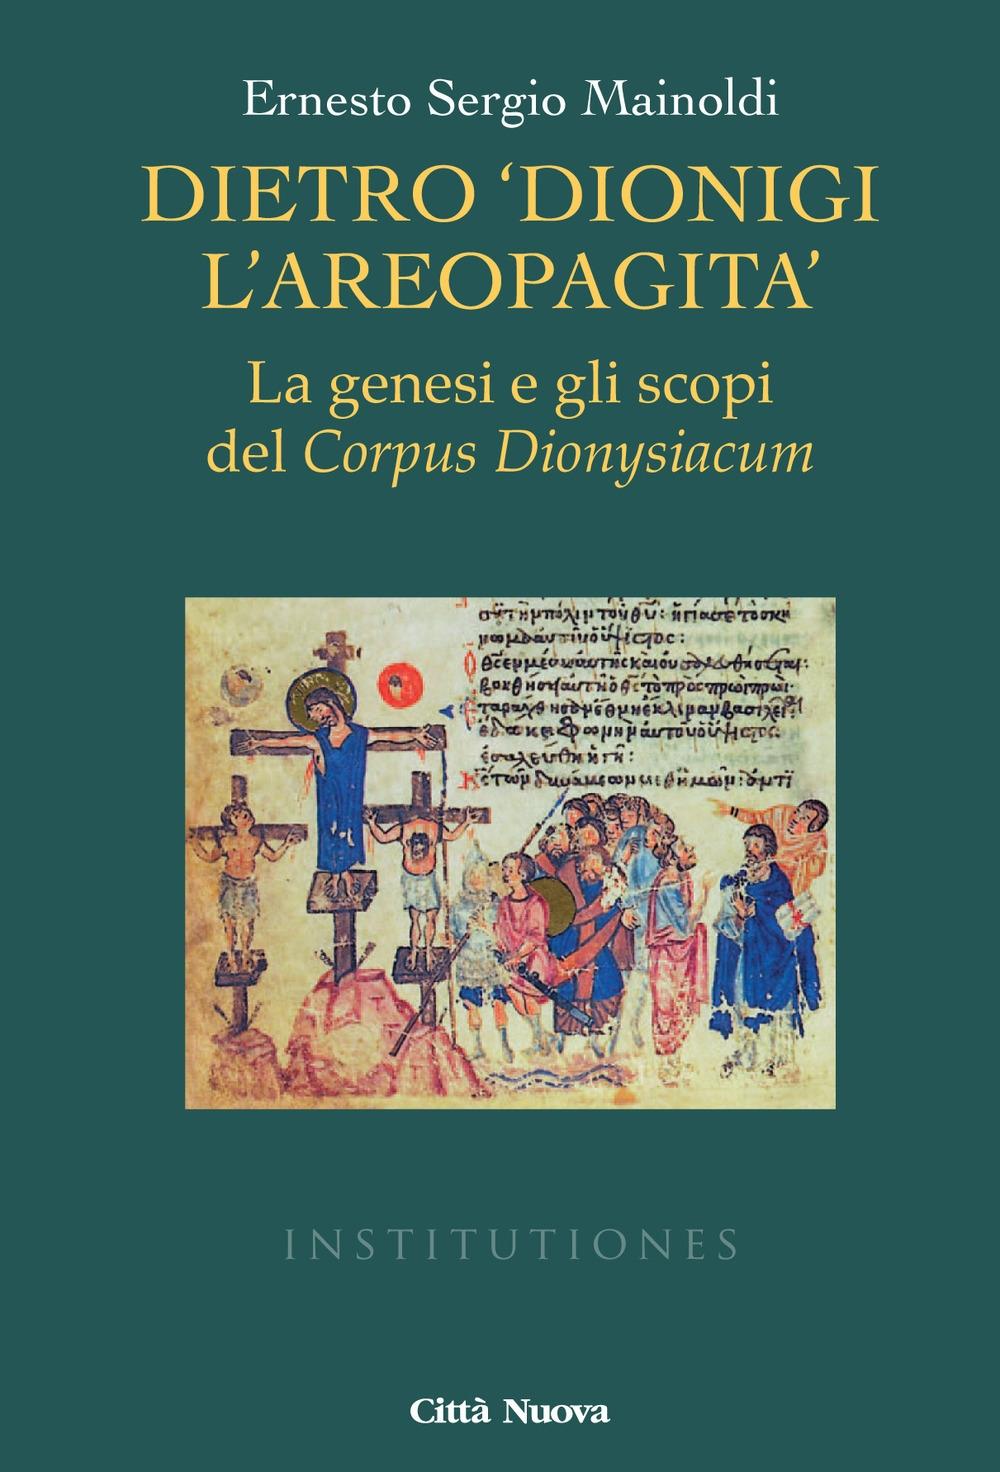 Dietro «Dionigi l'Areopagita». La genesi e gli scopi del Corpus Dionysiacum